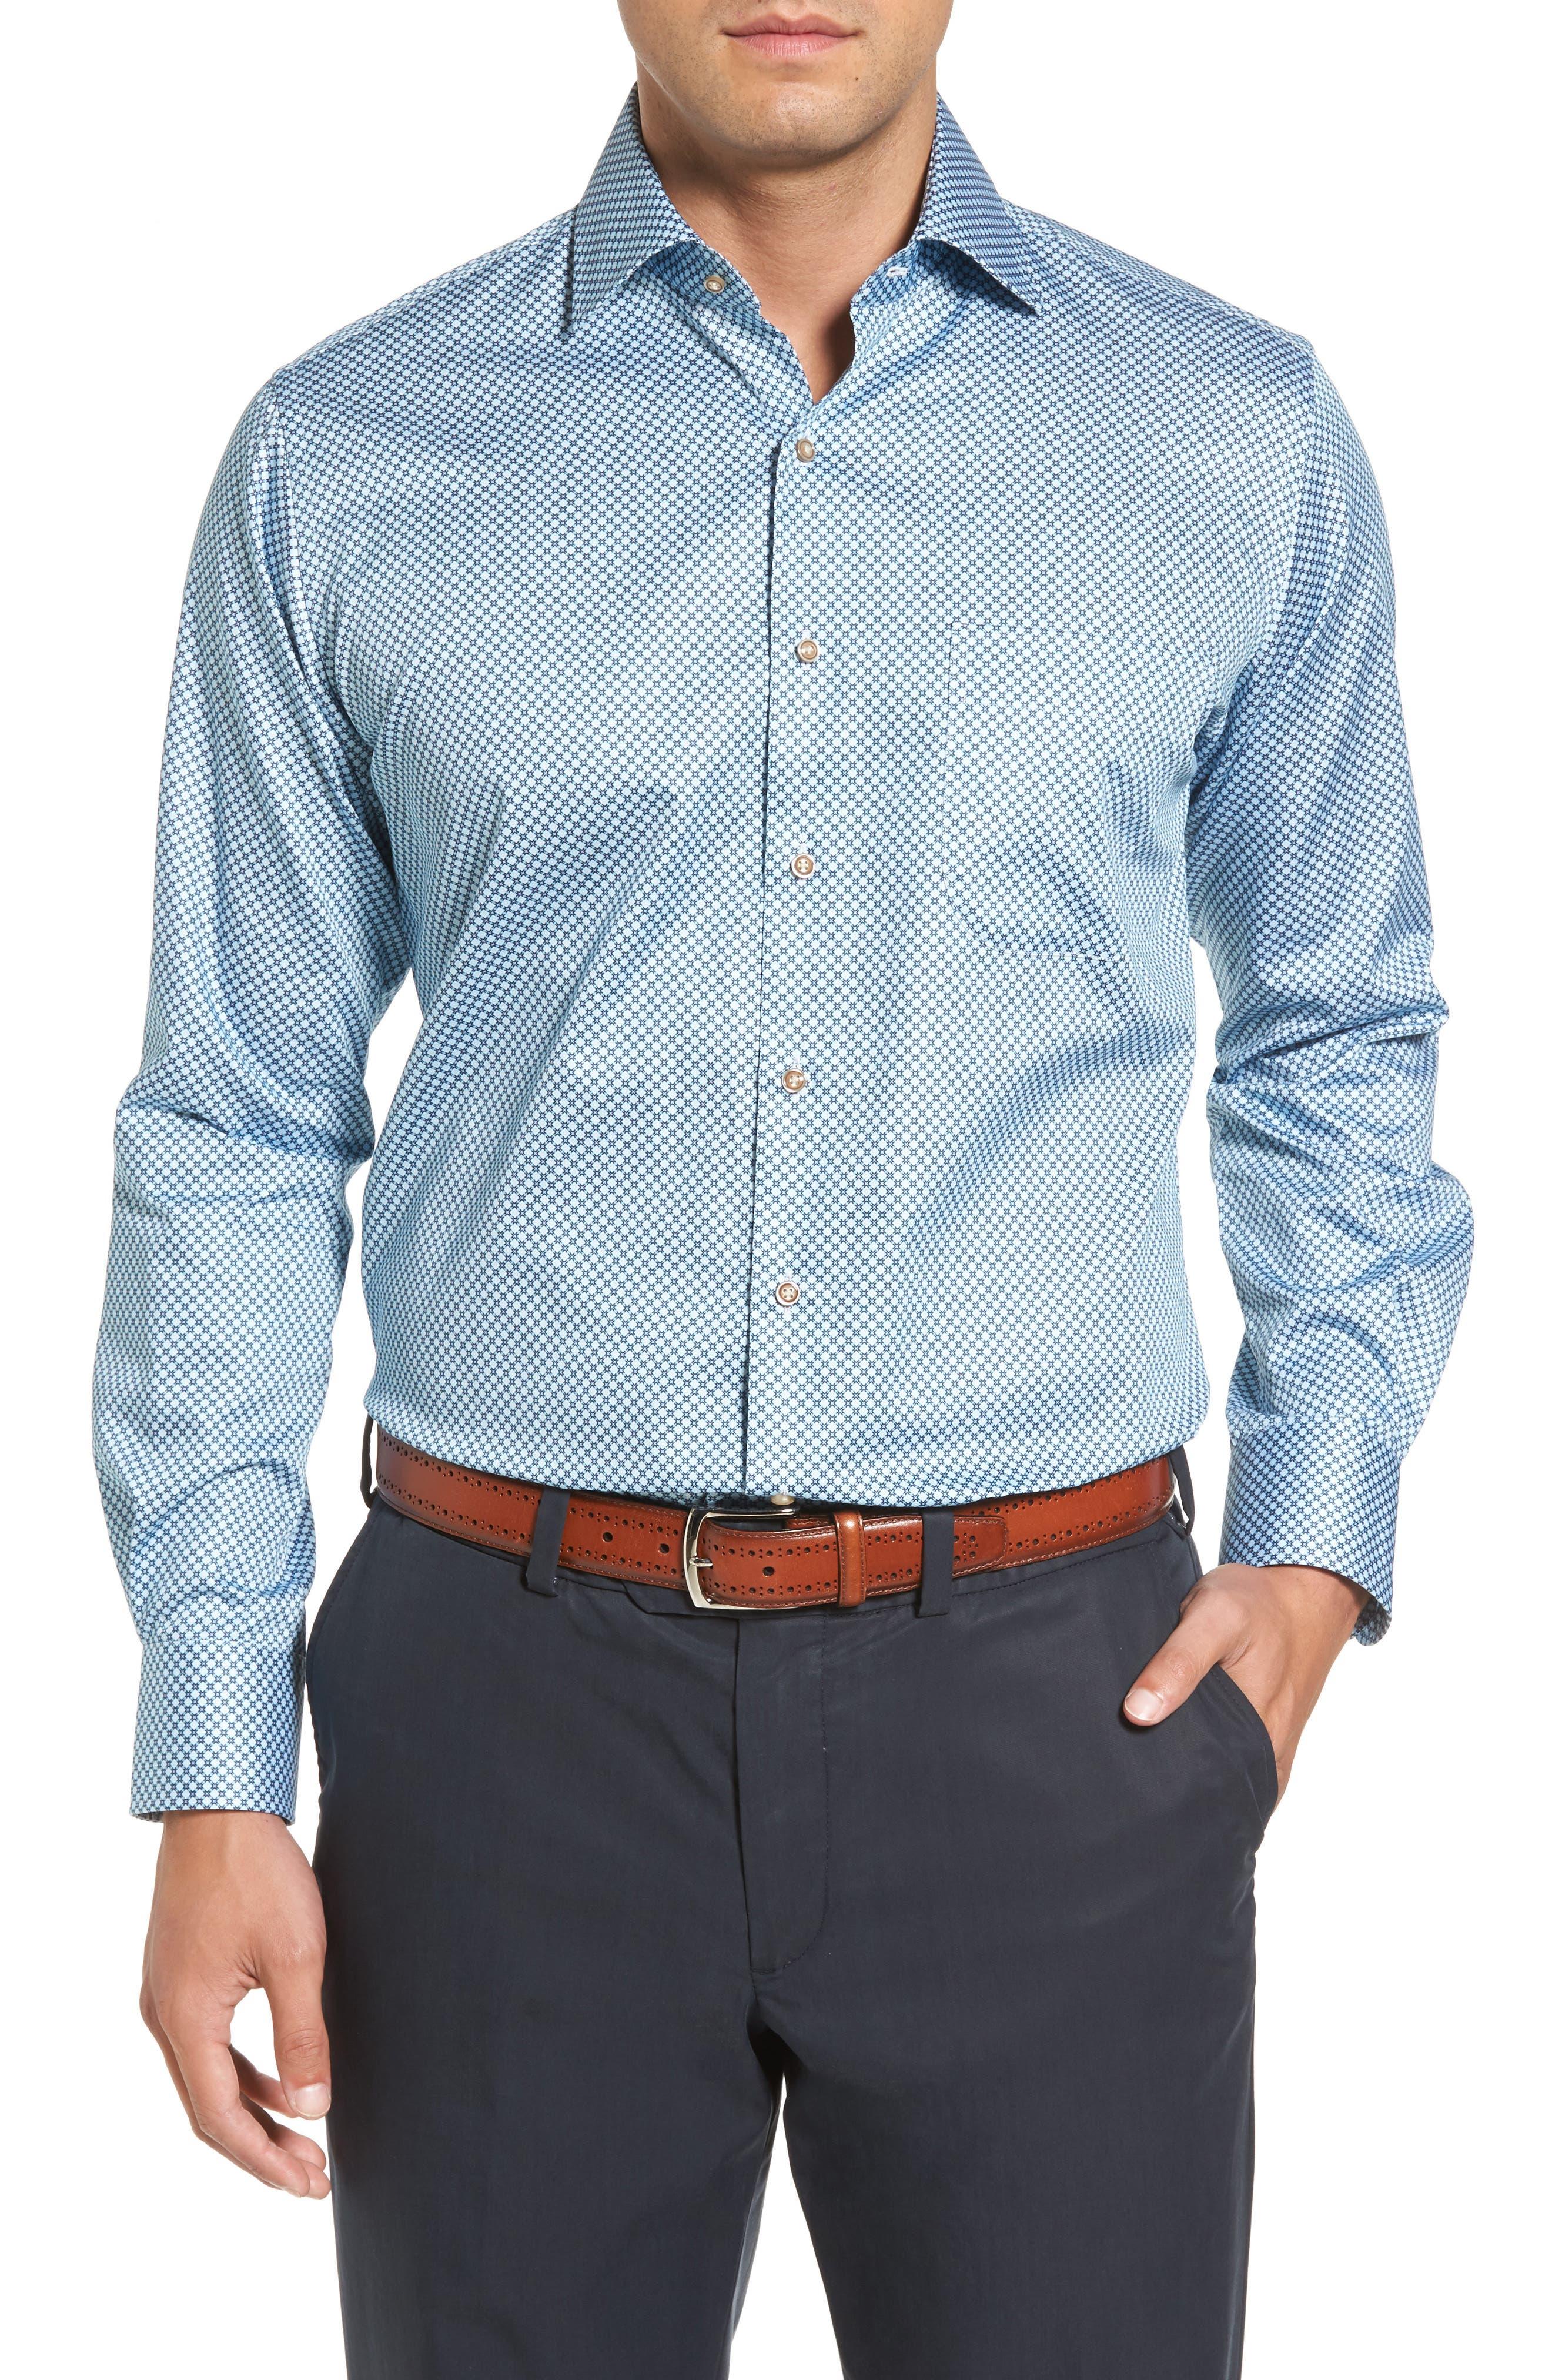 Pandora's Box Regular Fit Sport Shirt,                         Main,                         color, 437